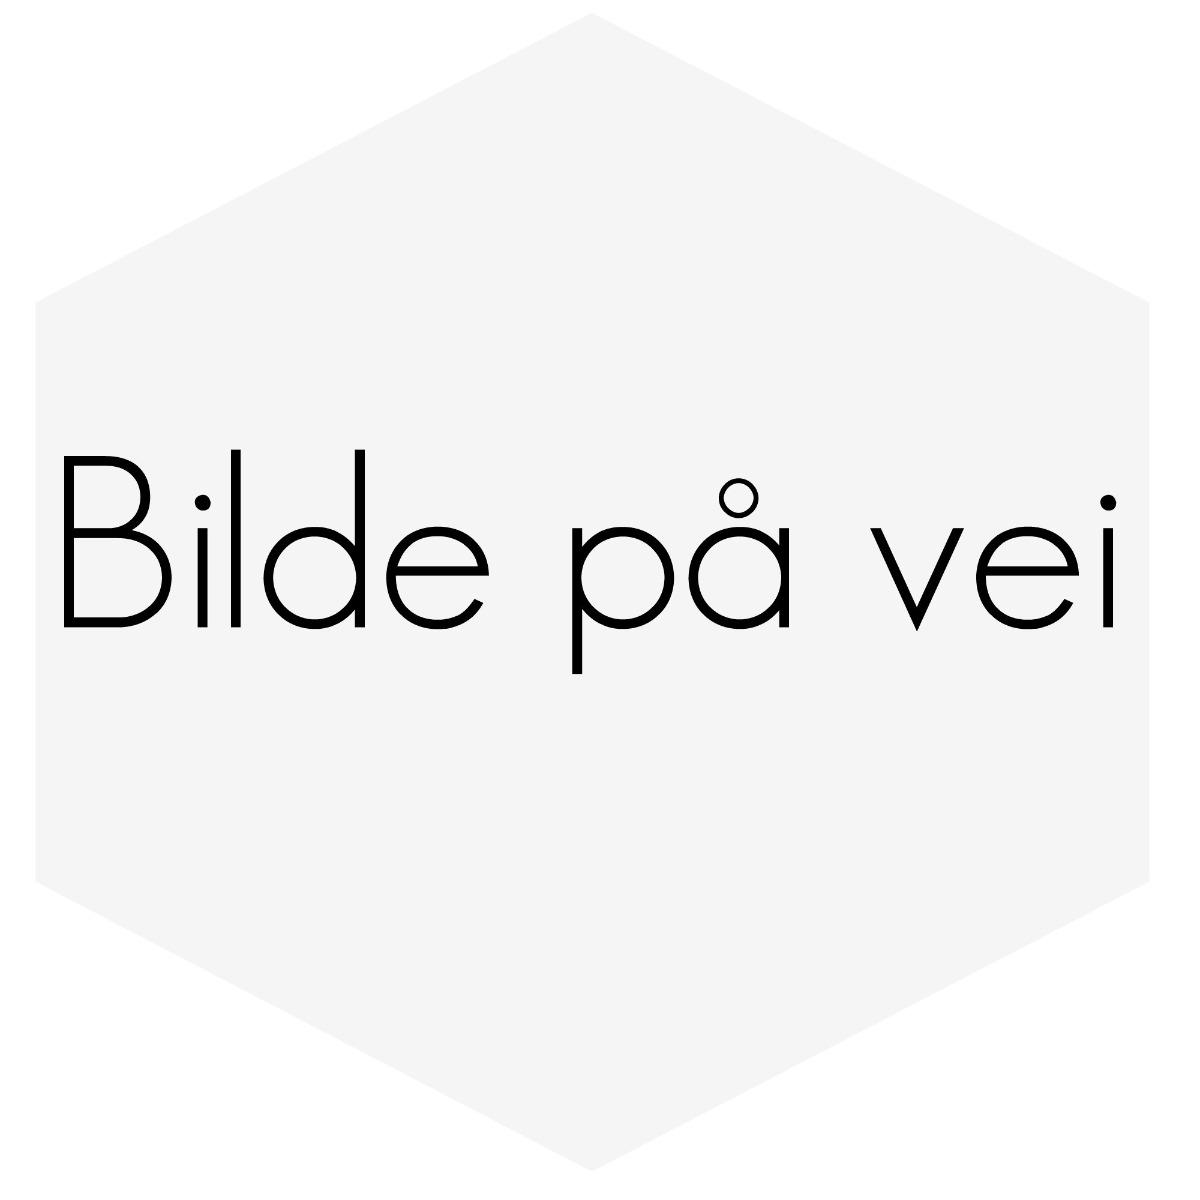 SILIKONSLANGE SVART FLEXIBEL GLATT 1,625'' (41mm)